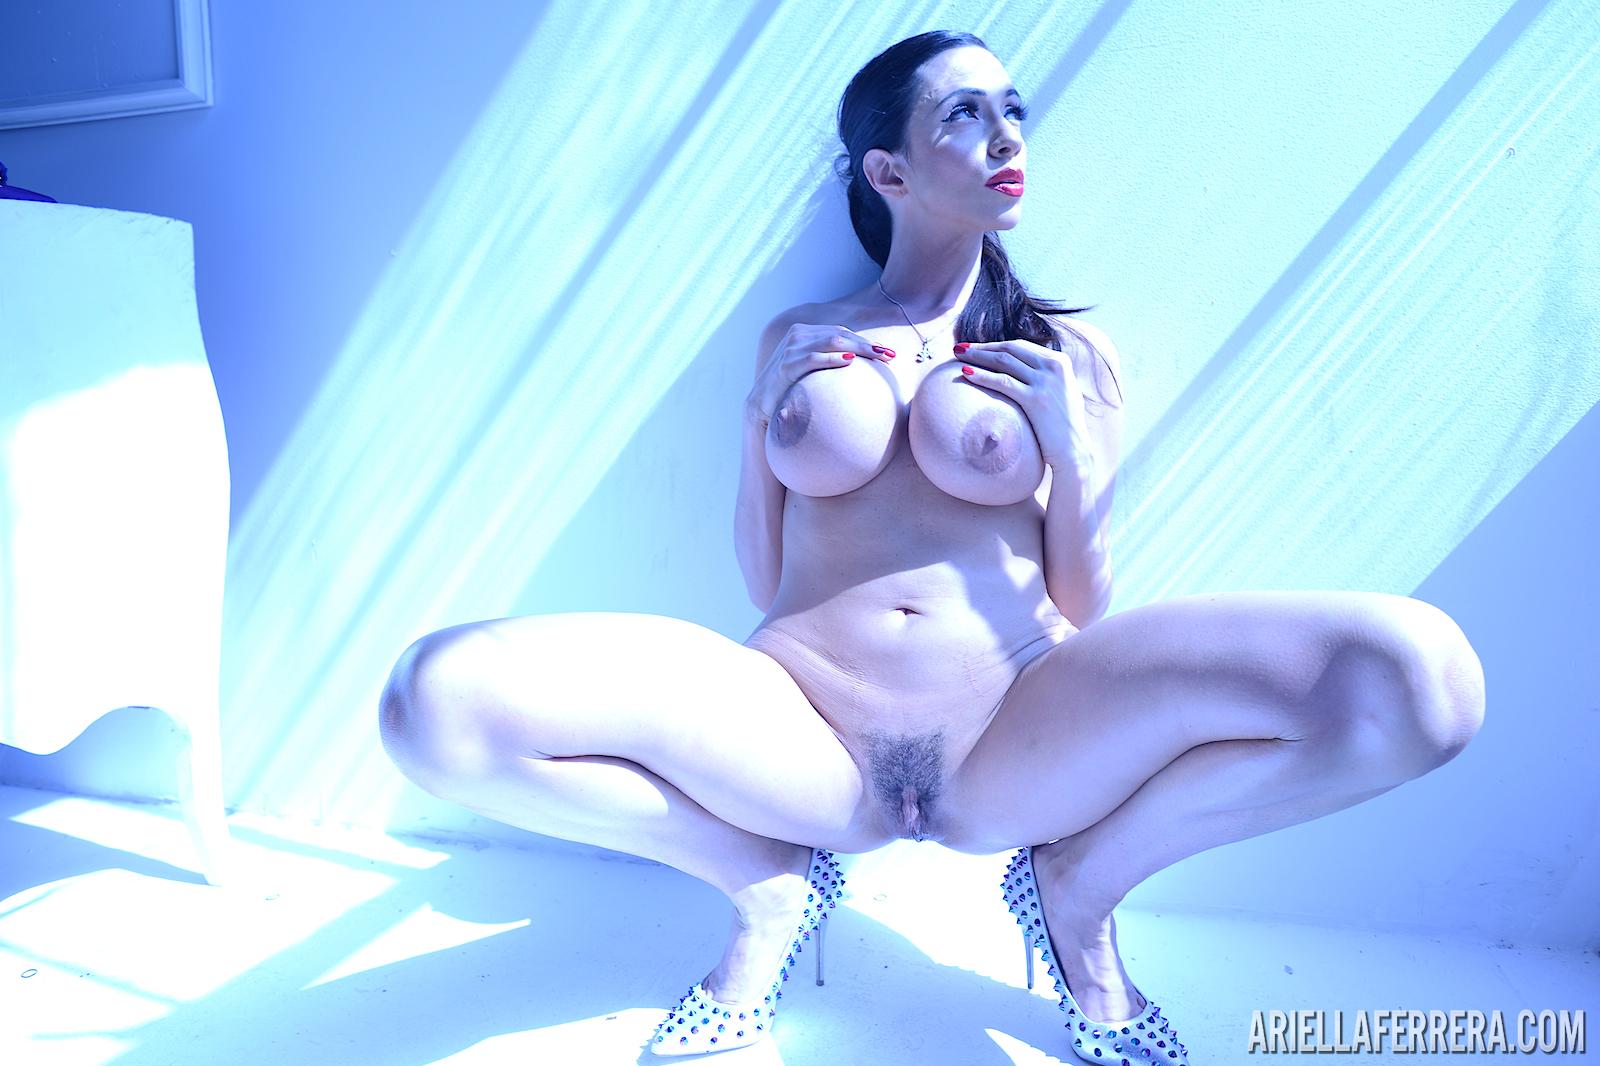 free porn samples of ariella ferrera - big tits naughty ariellar ferrera